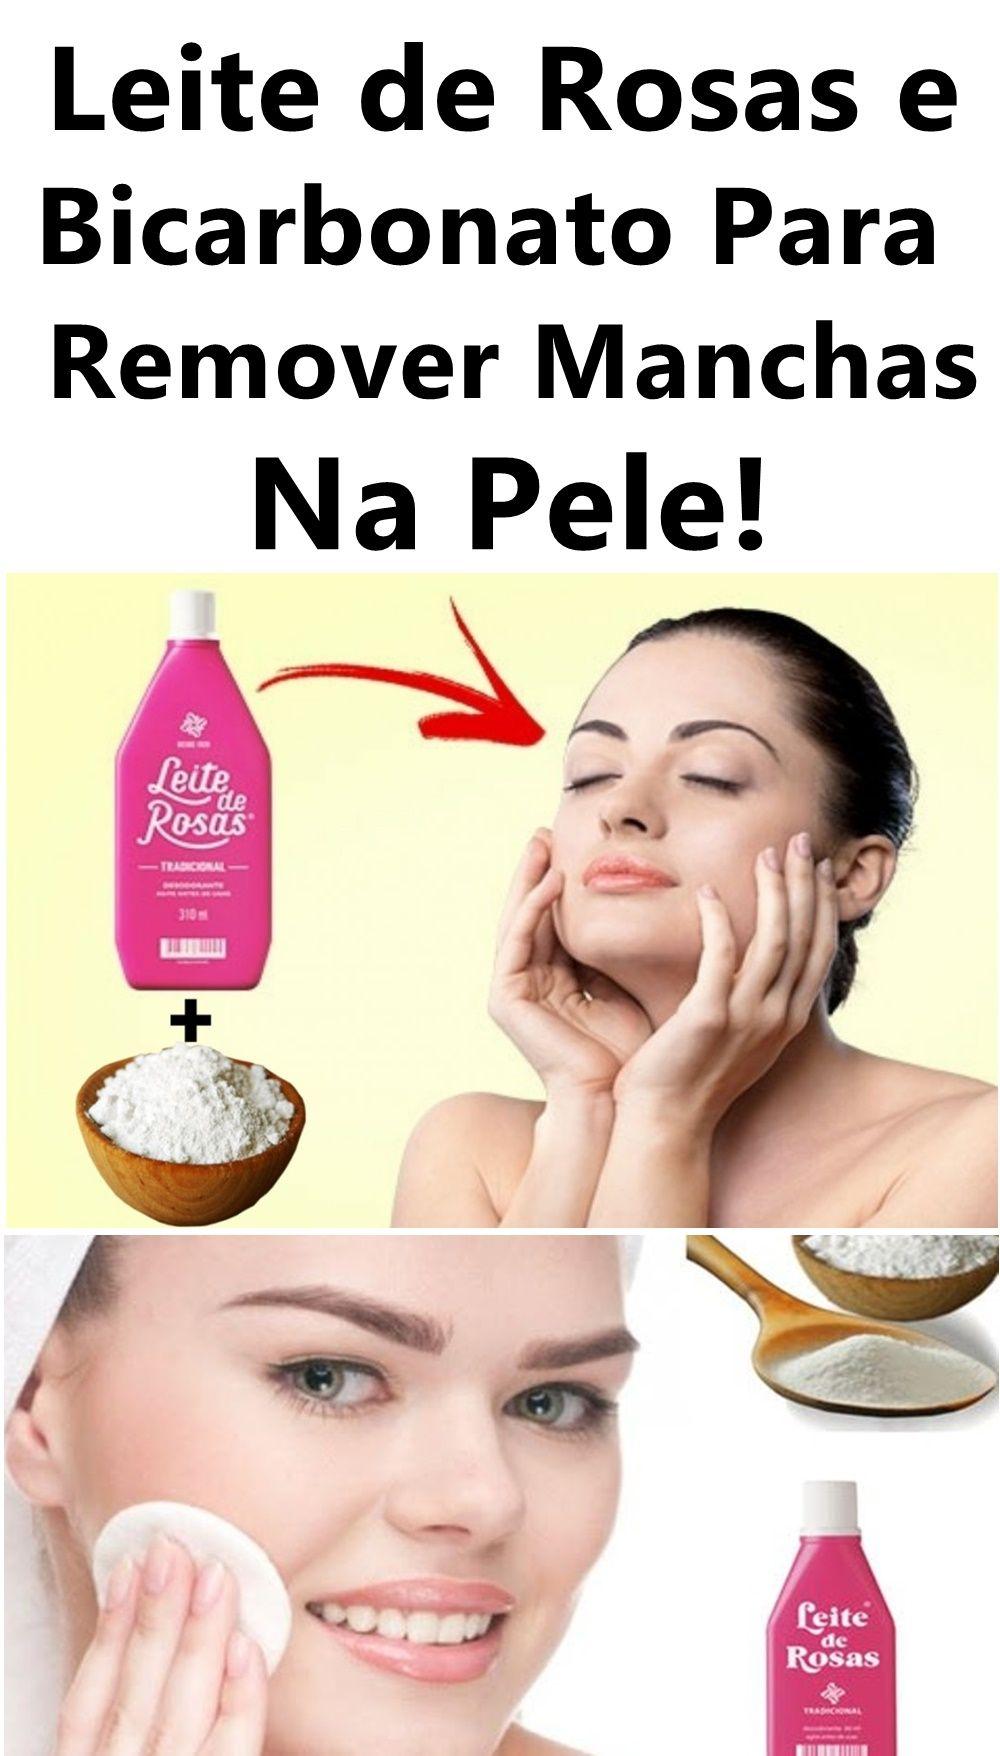 Leite De Rosas E Bicarbonato Para Remover Manchas Na Pele Leite